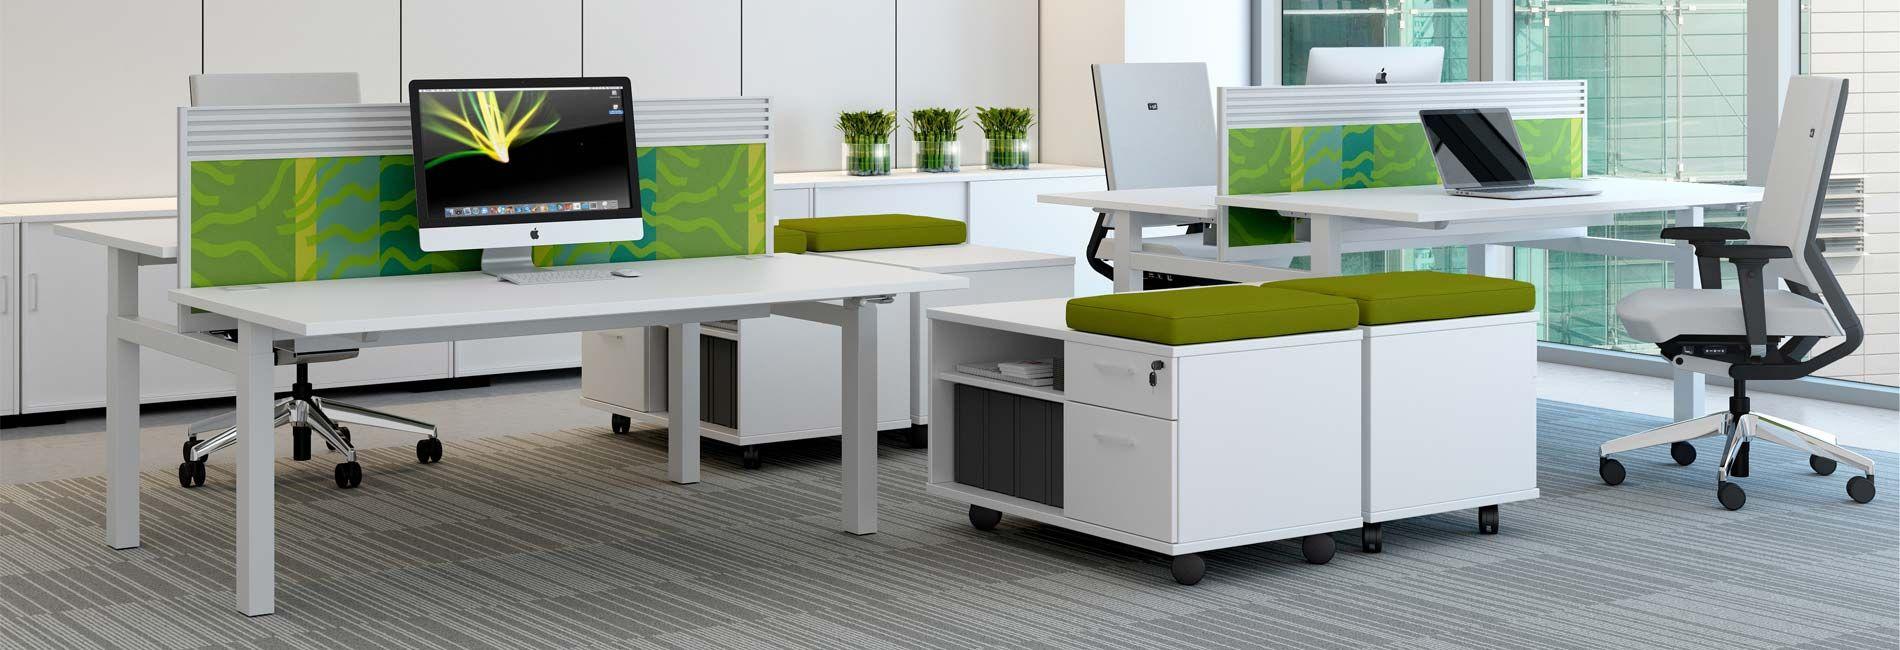 b ro m bel bilder von b rom beln b rom bel buero m bel und b rom bel. Black Bedroom Furniture Sets. Home Design Ideas